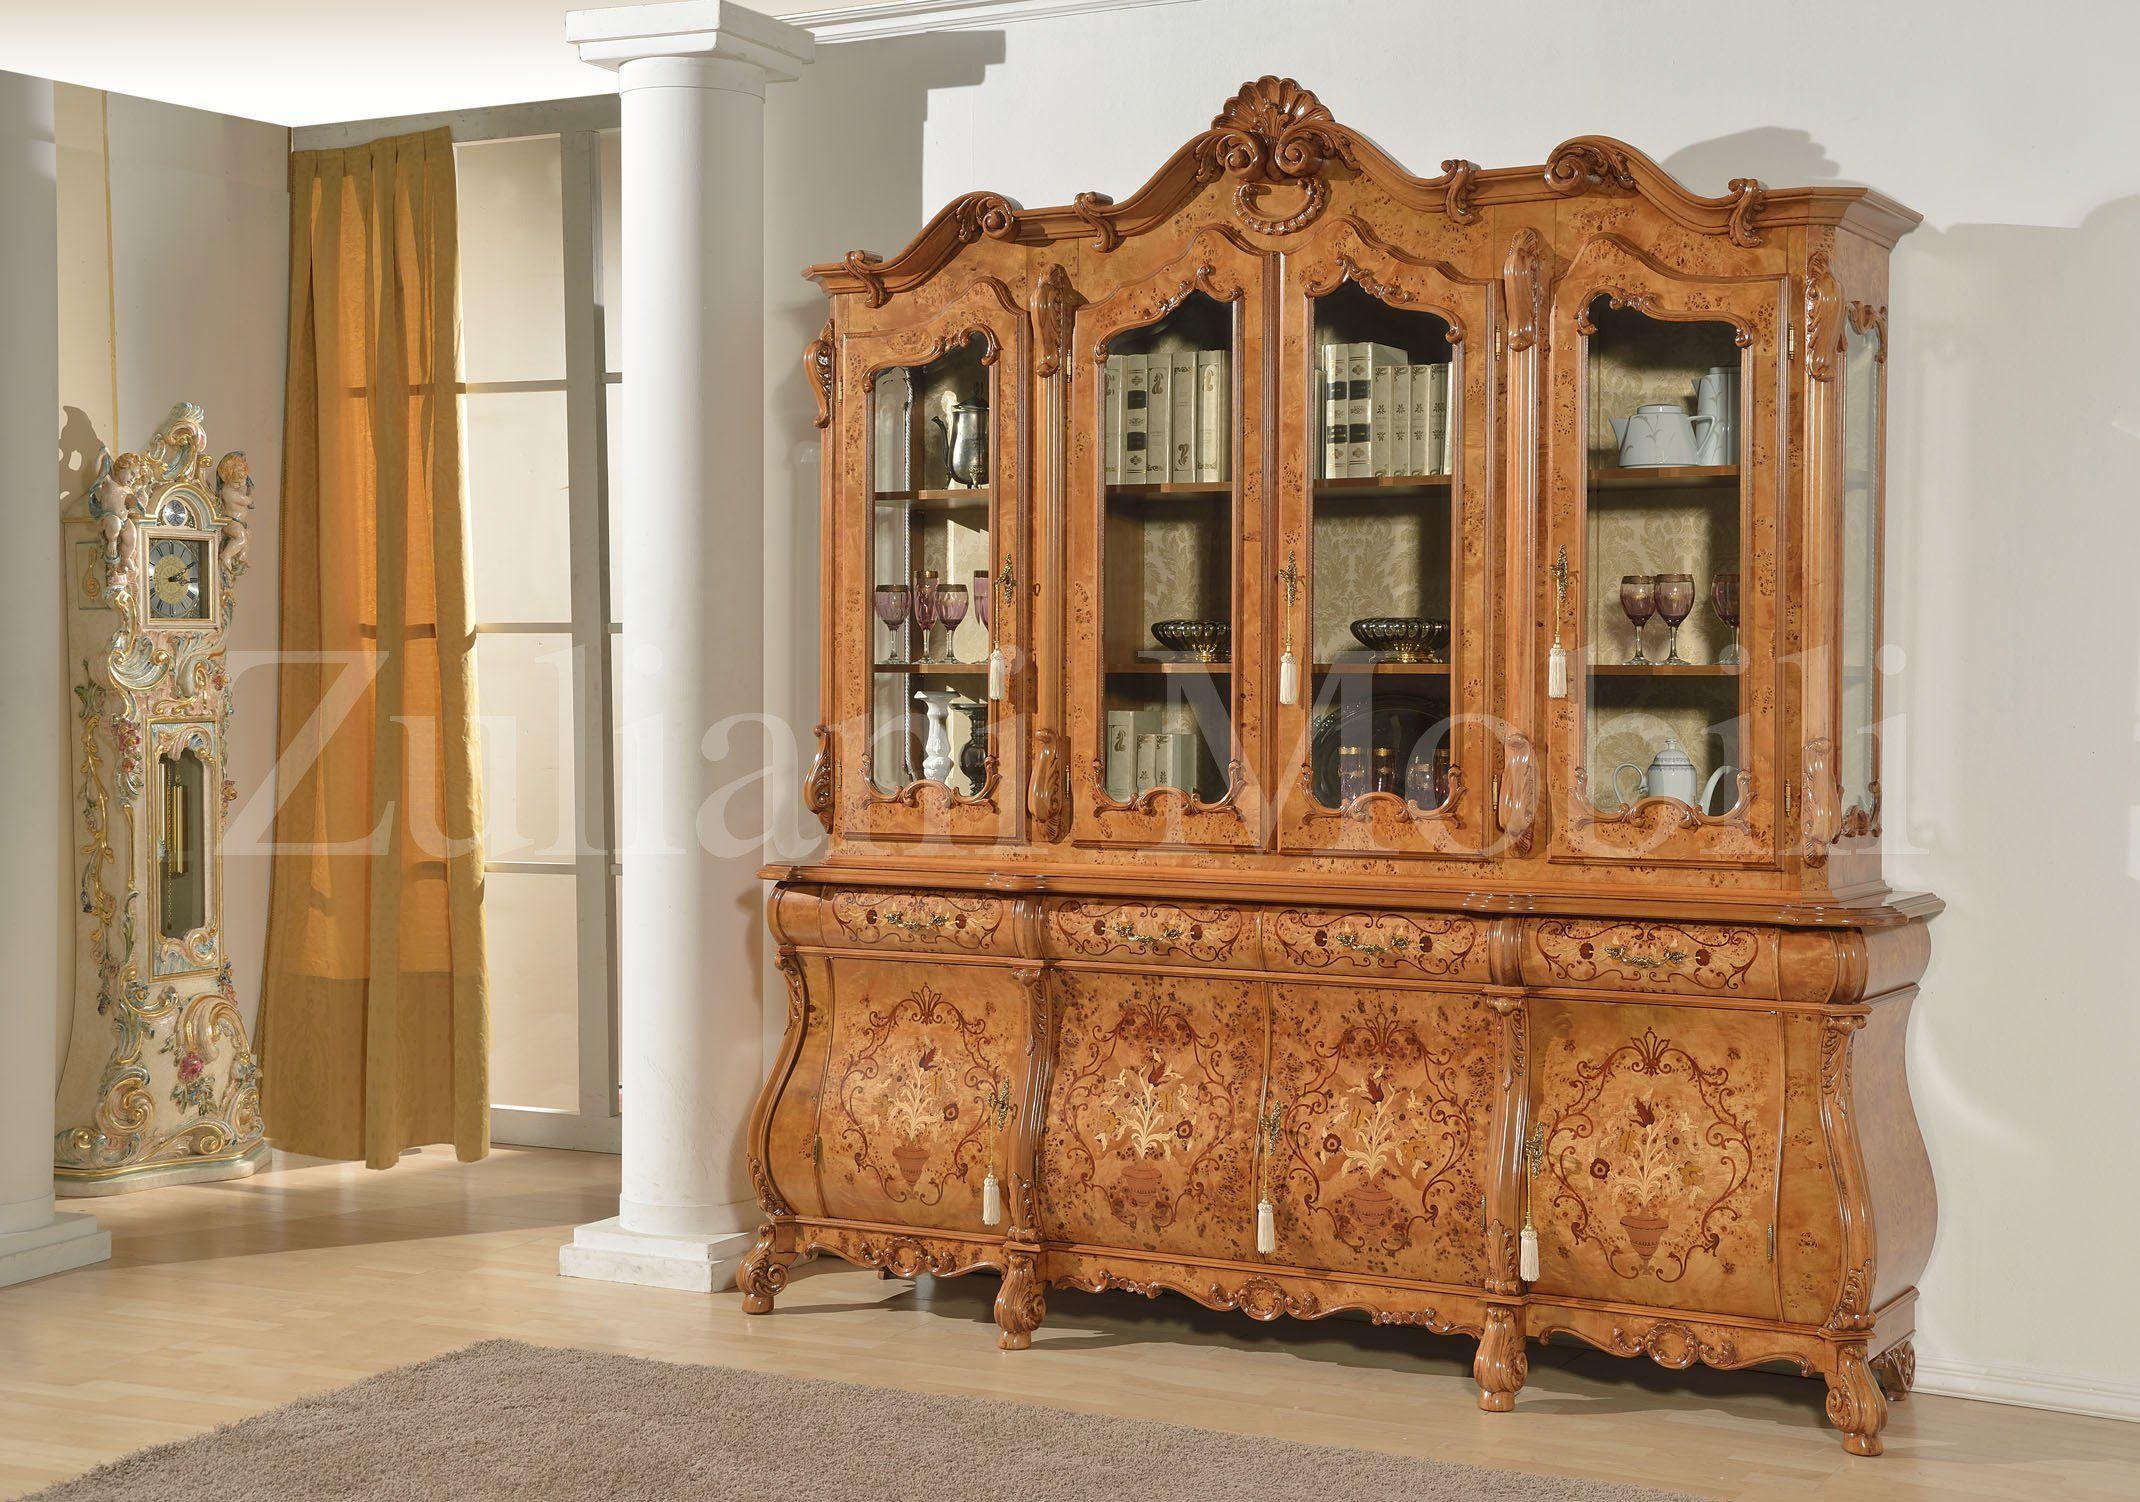 cristalliera in stile olandese in radica di pioppo con intarsi ... - Arredamento Classico Milano